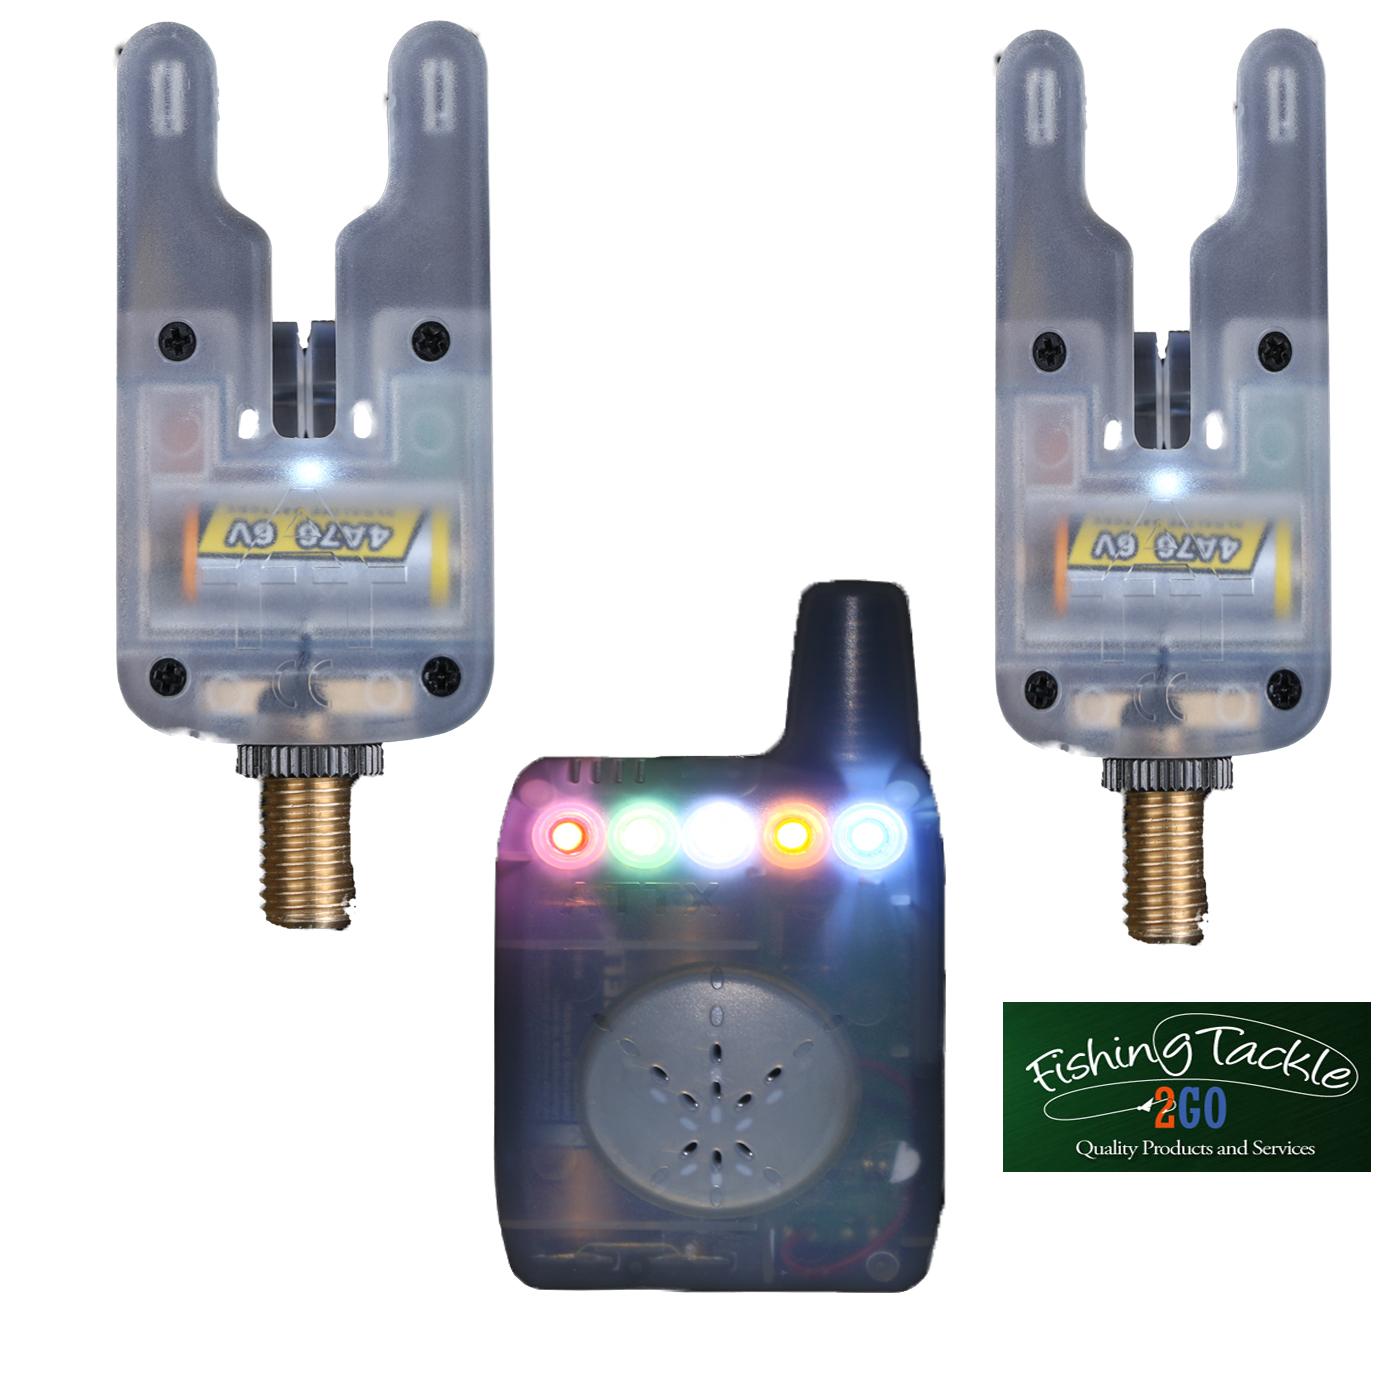 Gardner ATTs Clear Underlit Bite Alarms x 2 + V2 ATTx Deluxe Receiver